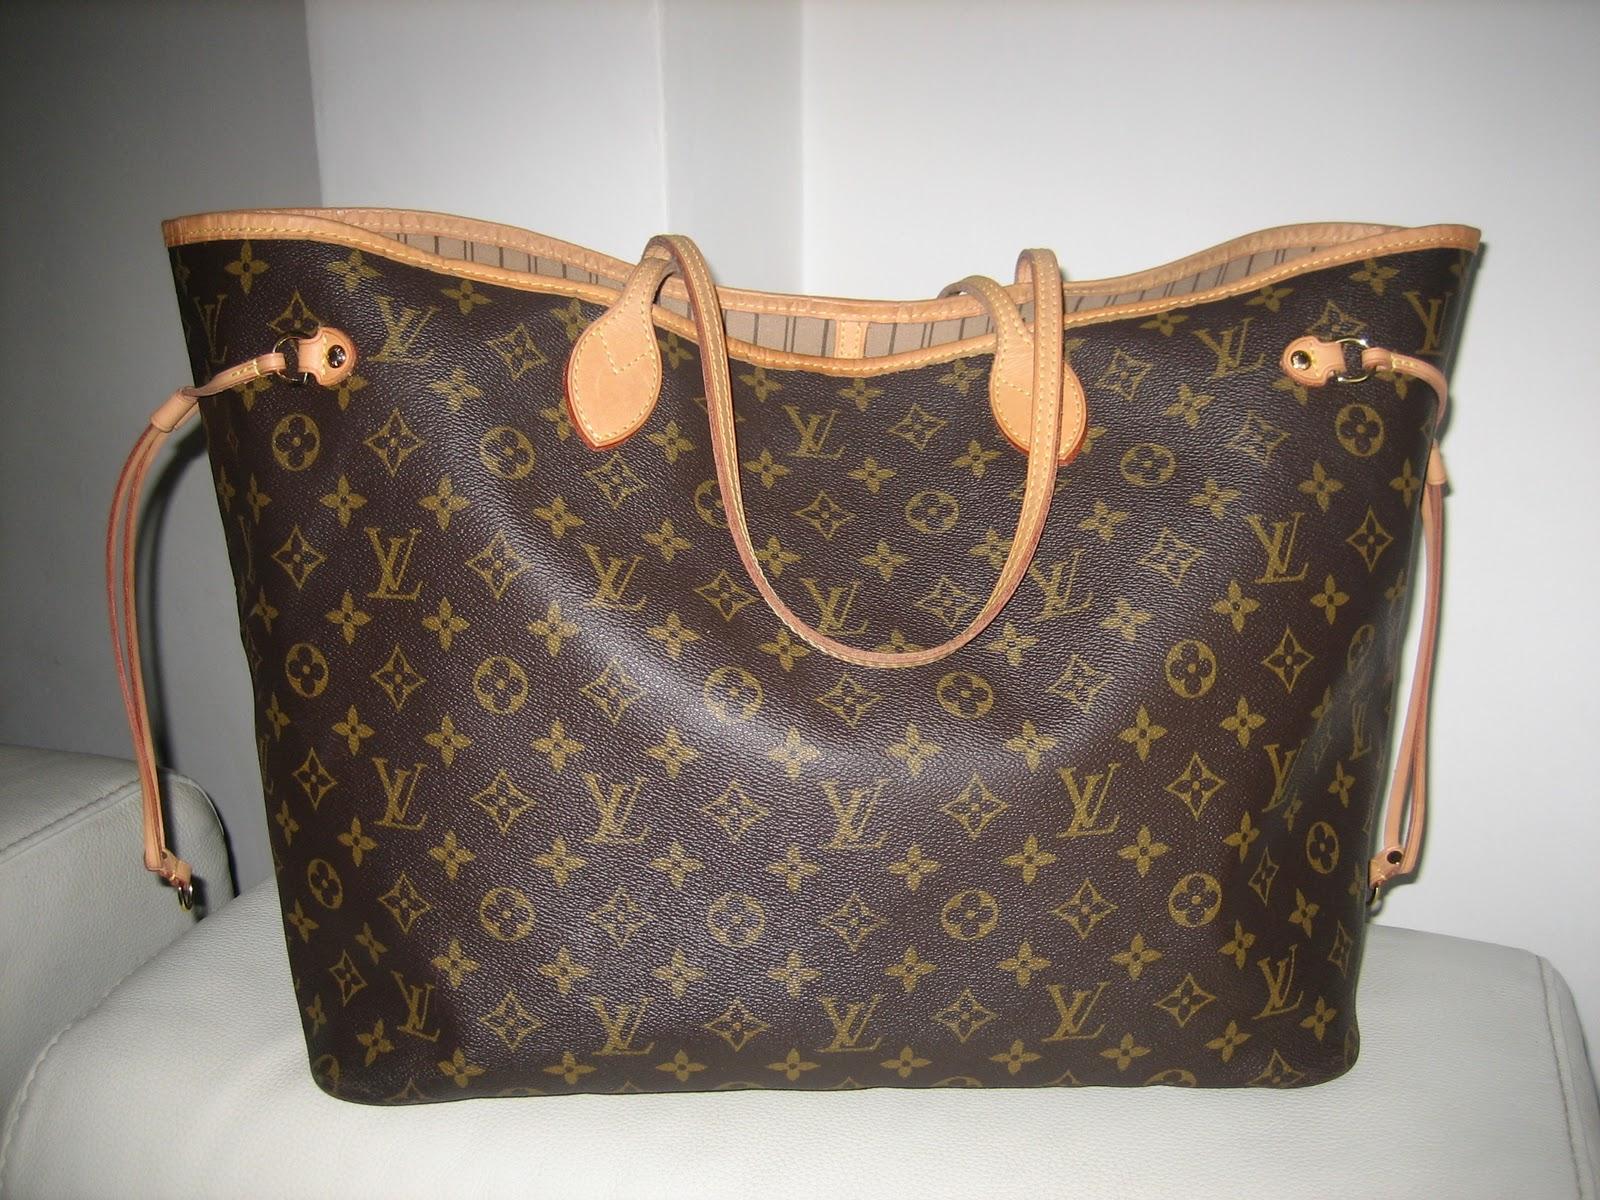 d83a853dd7f Sac A Main Occasion Louis Vuitton